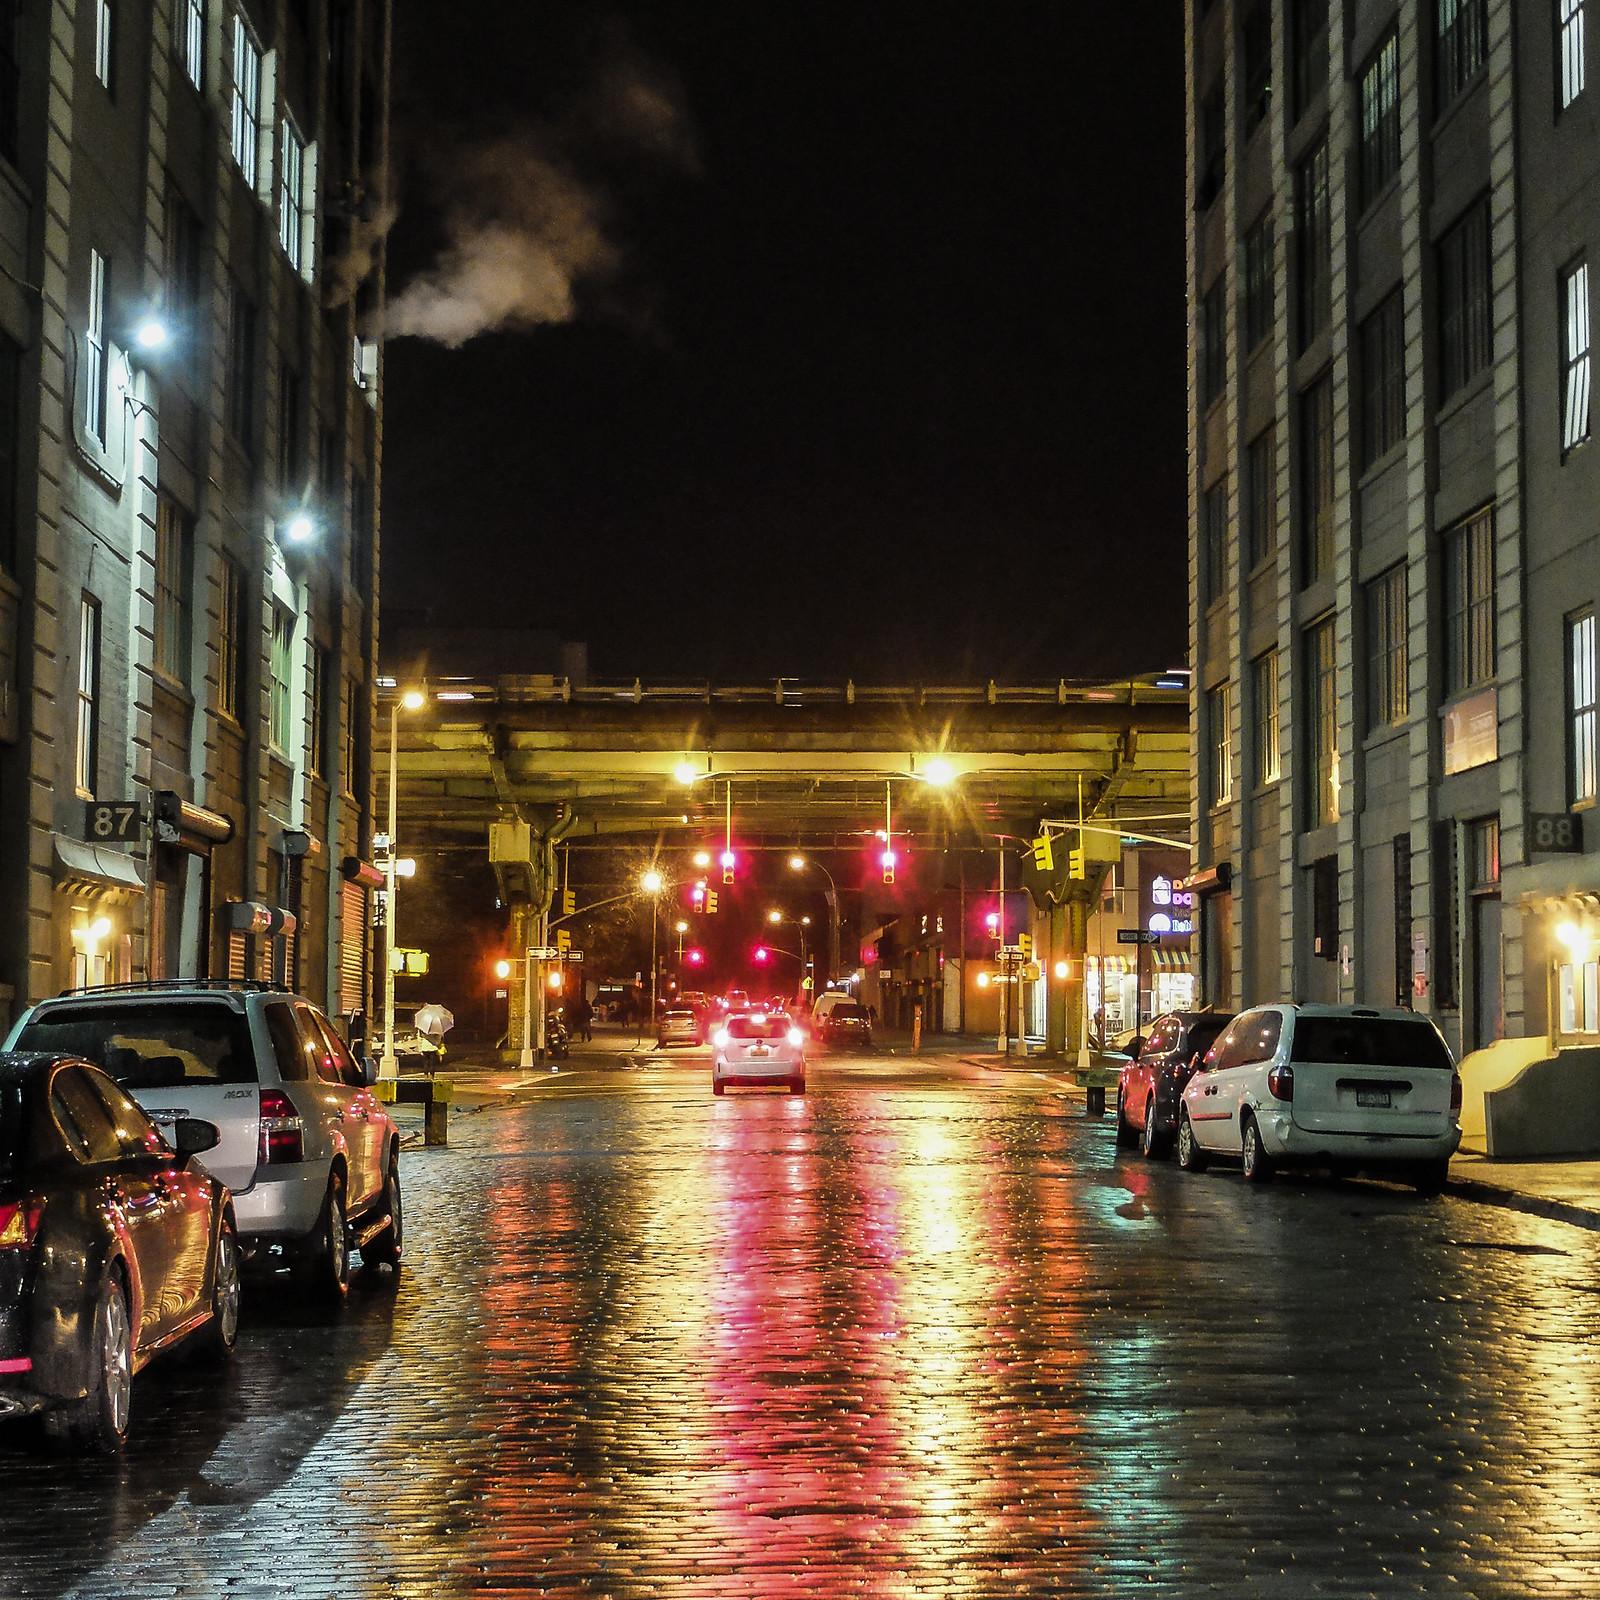 Nighttime in Industry City by wwward0